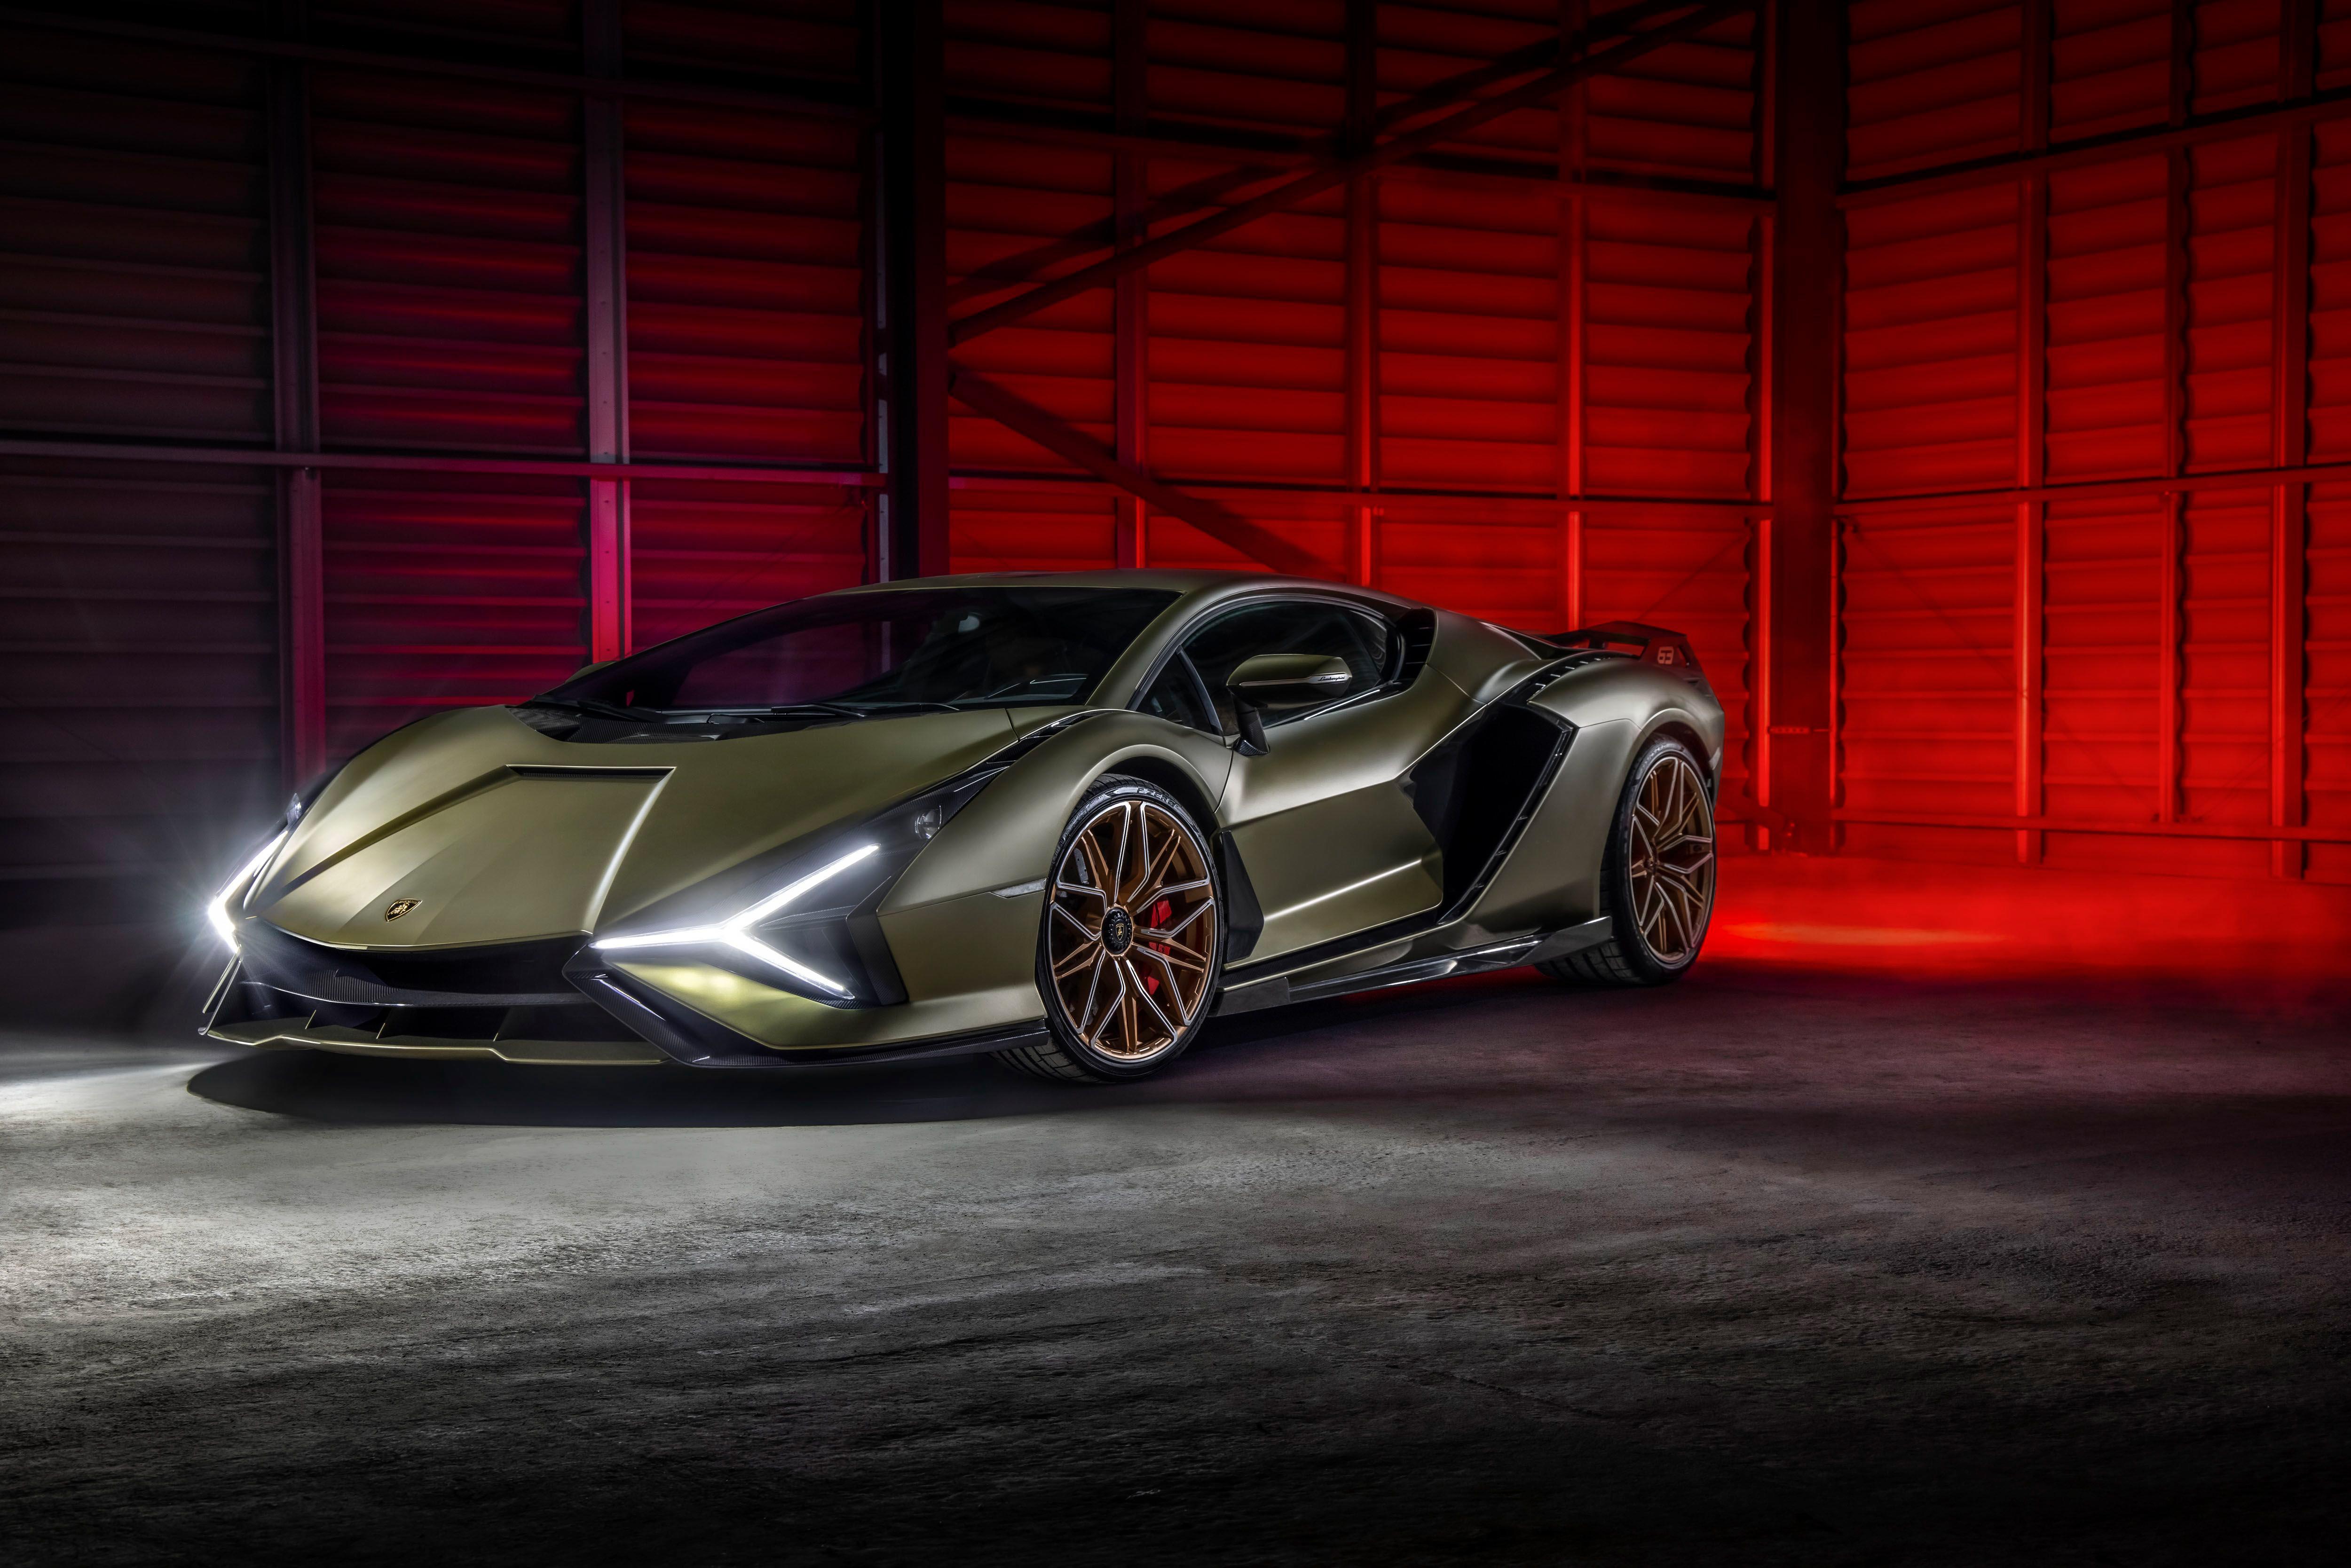 lamborghini sian 4k 1618922854 - Lamborghini Sian 4k - Lamborghini Sian 4k wallpapers